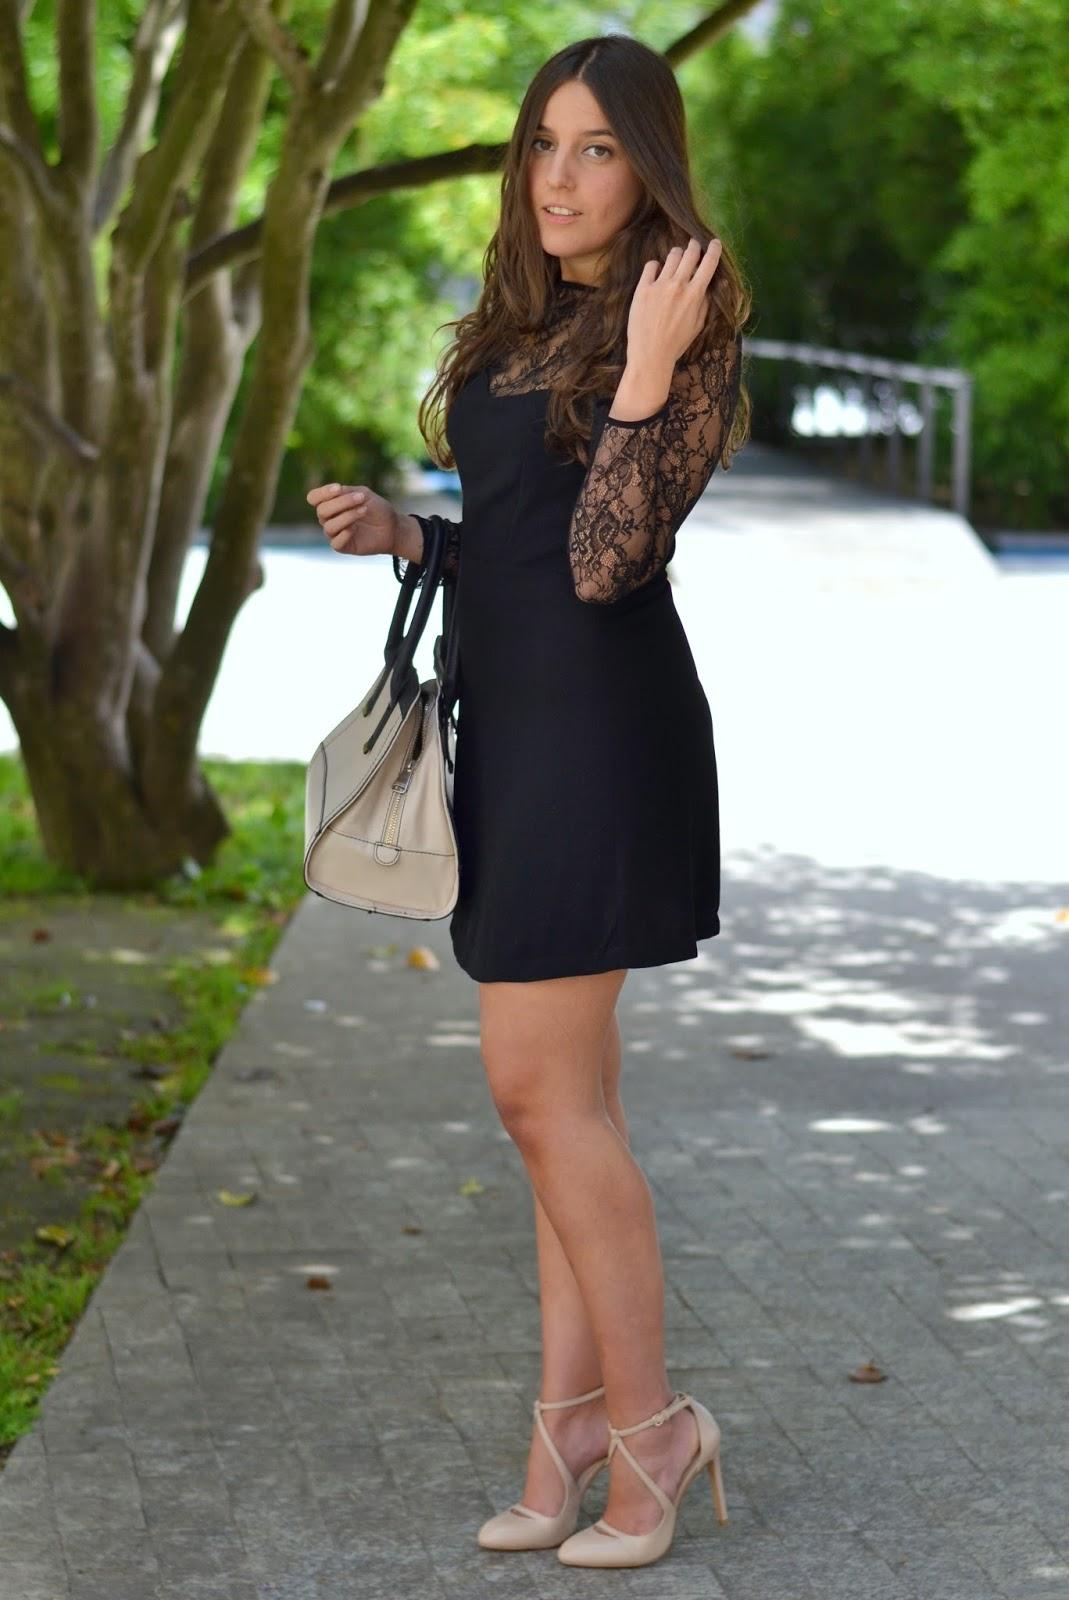 nude heels, nude bag, lbd